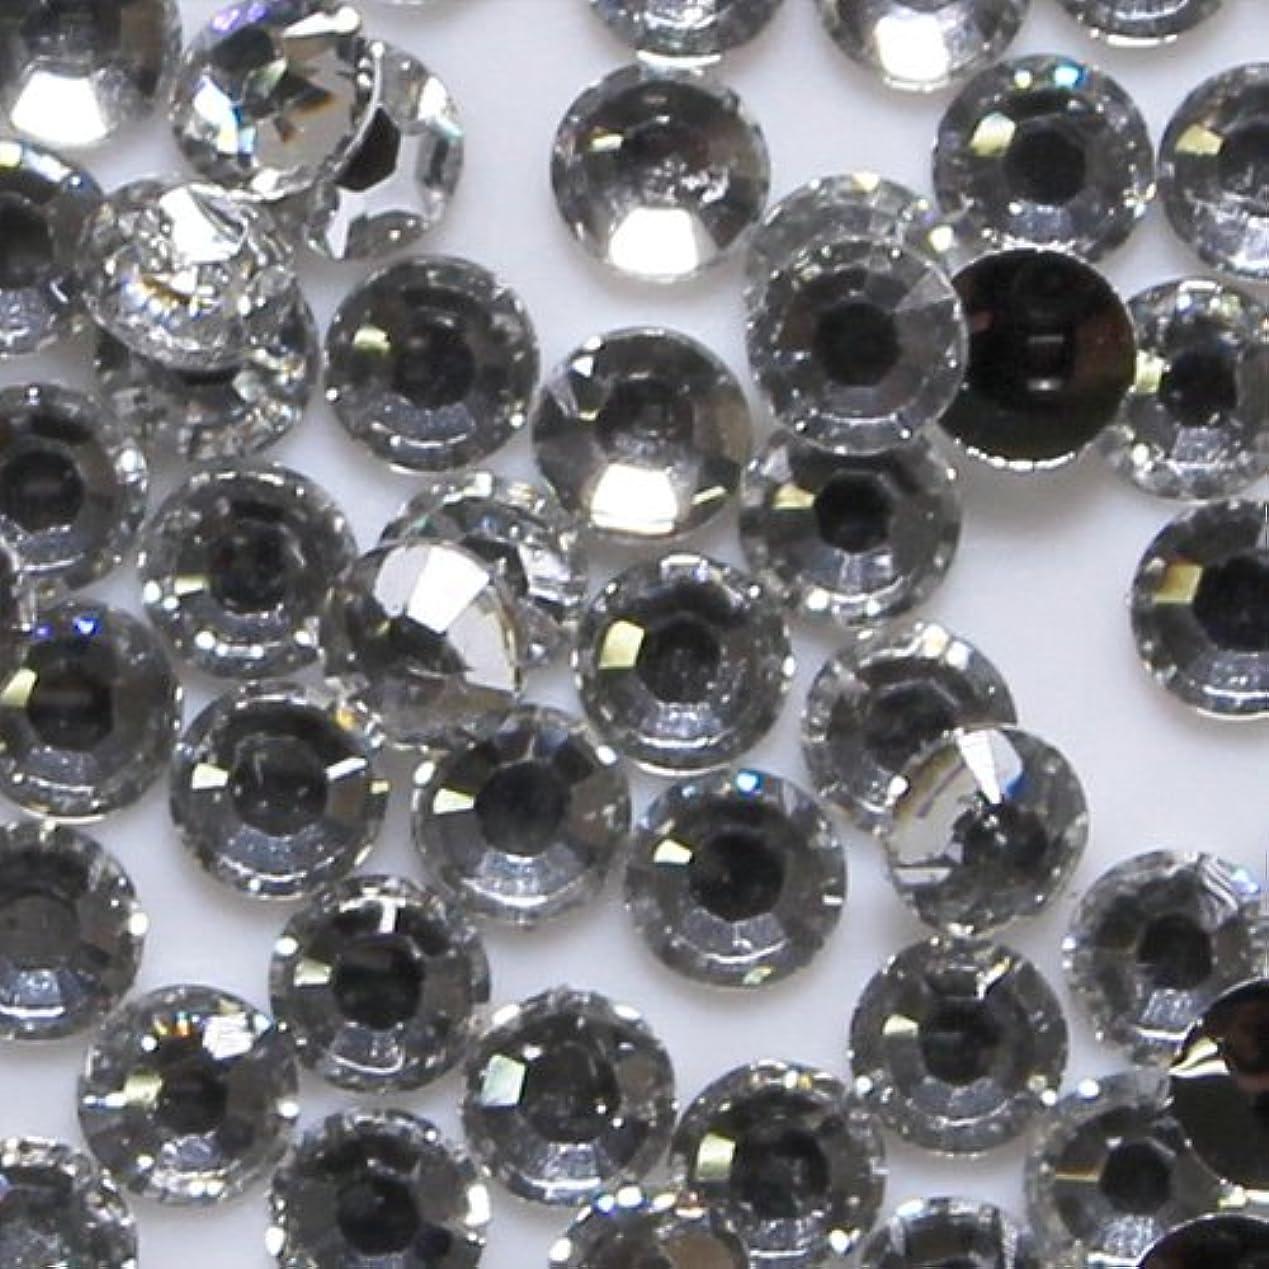 委員長誰も麦芽高品質 アクリルストーン ラインストーン ラウンドフラット 約1000粒入り 2mm ダイヤモンド